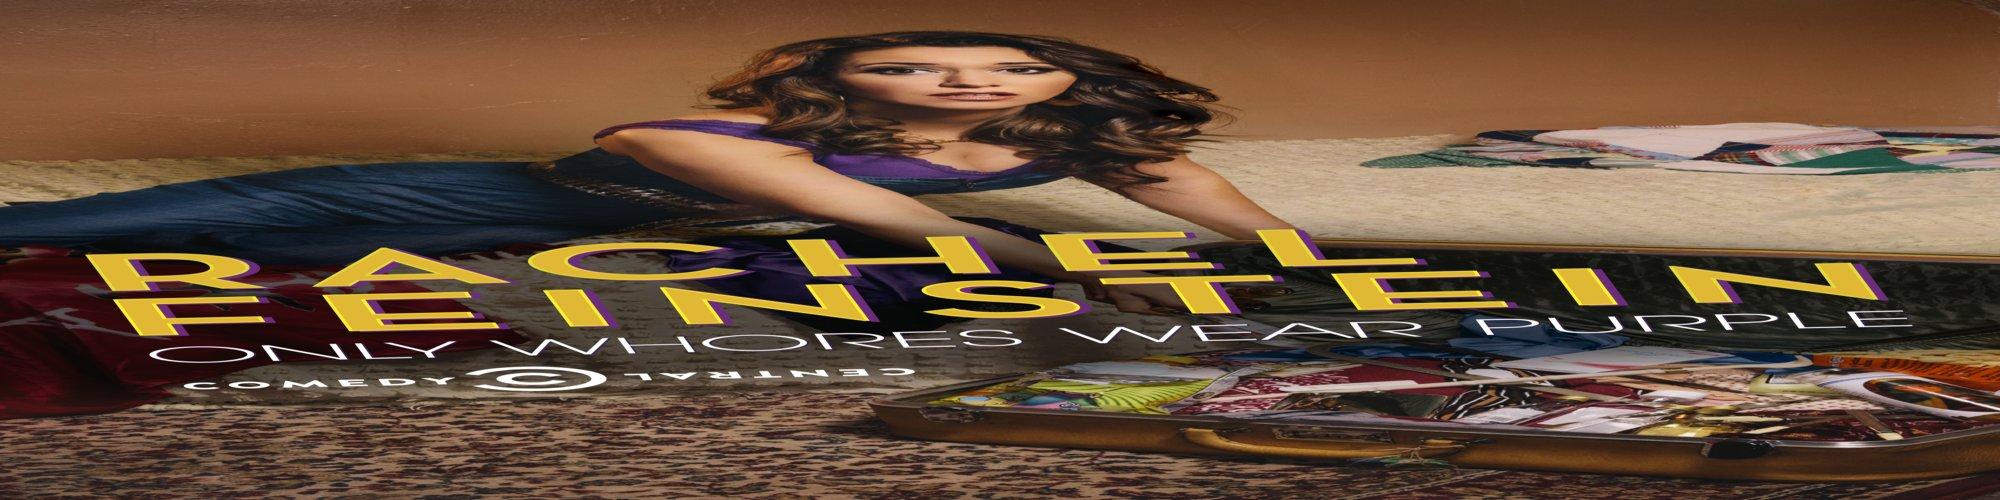 Amy Schumer Presents Rachel Feinstein: Only Whores Wear Purple